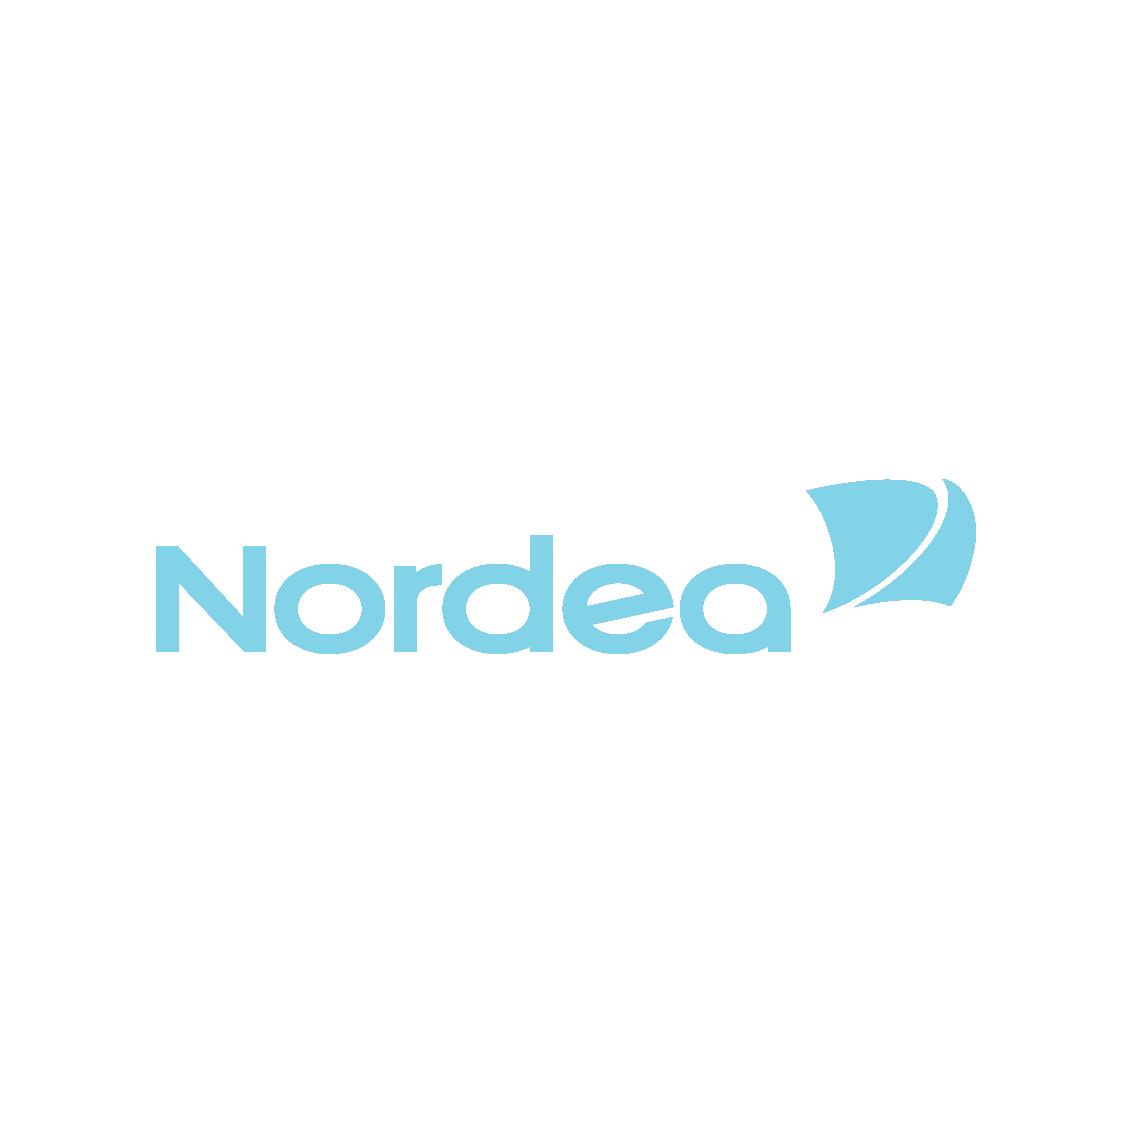 Nordea logo - Abrella Byparaplyer